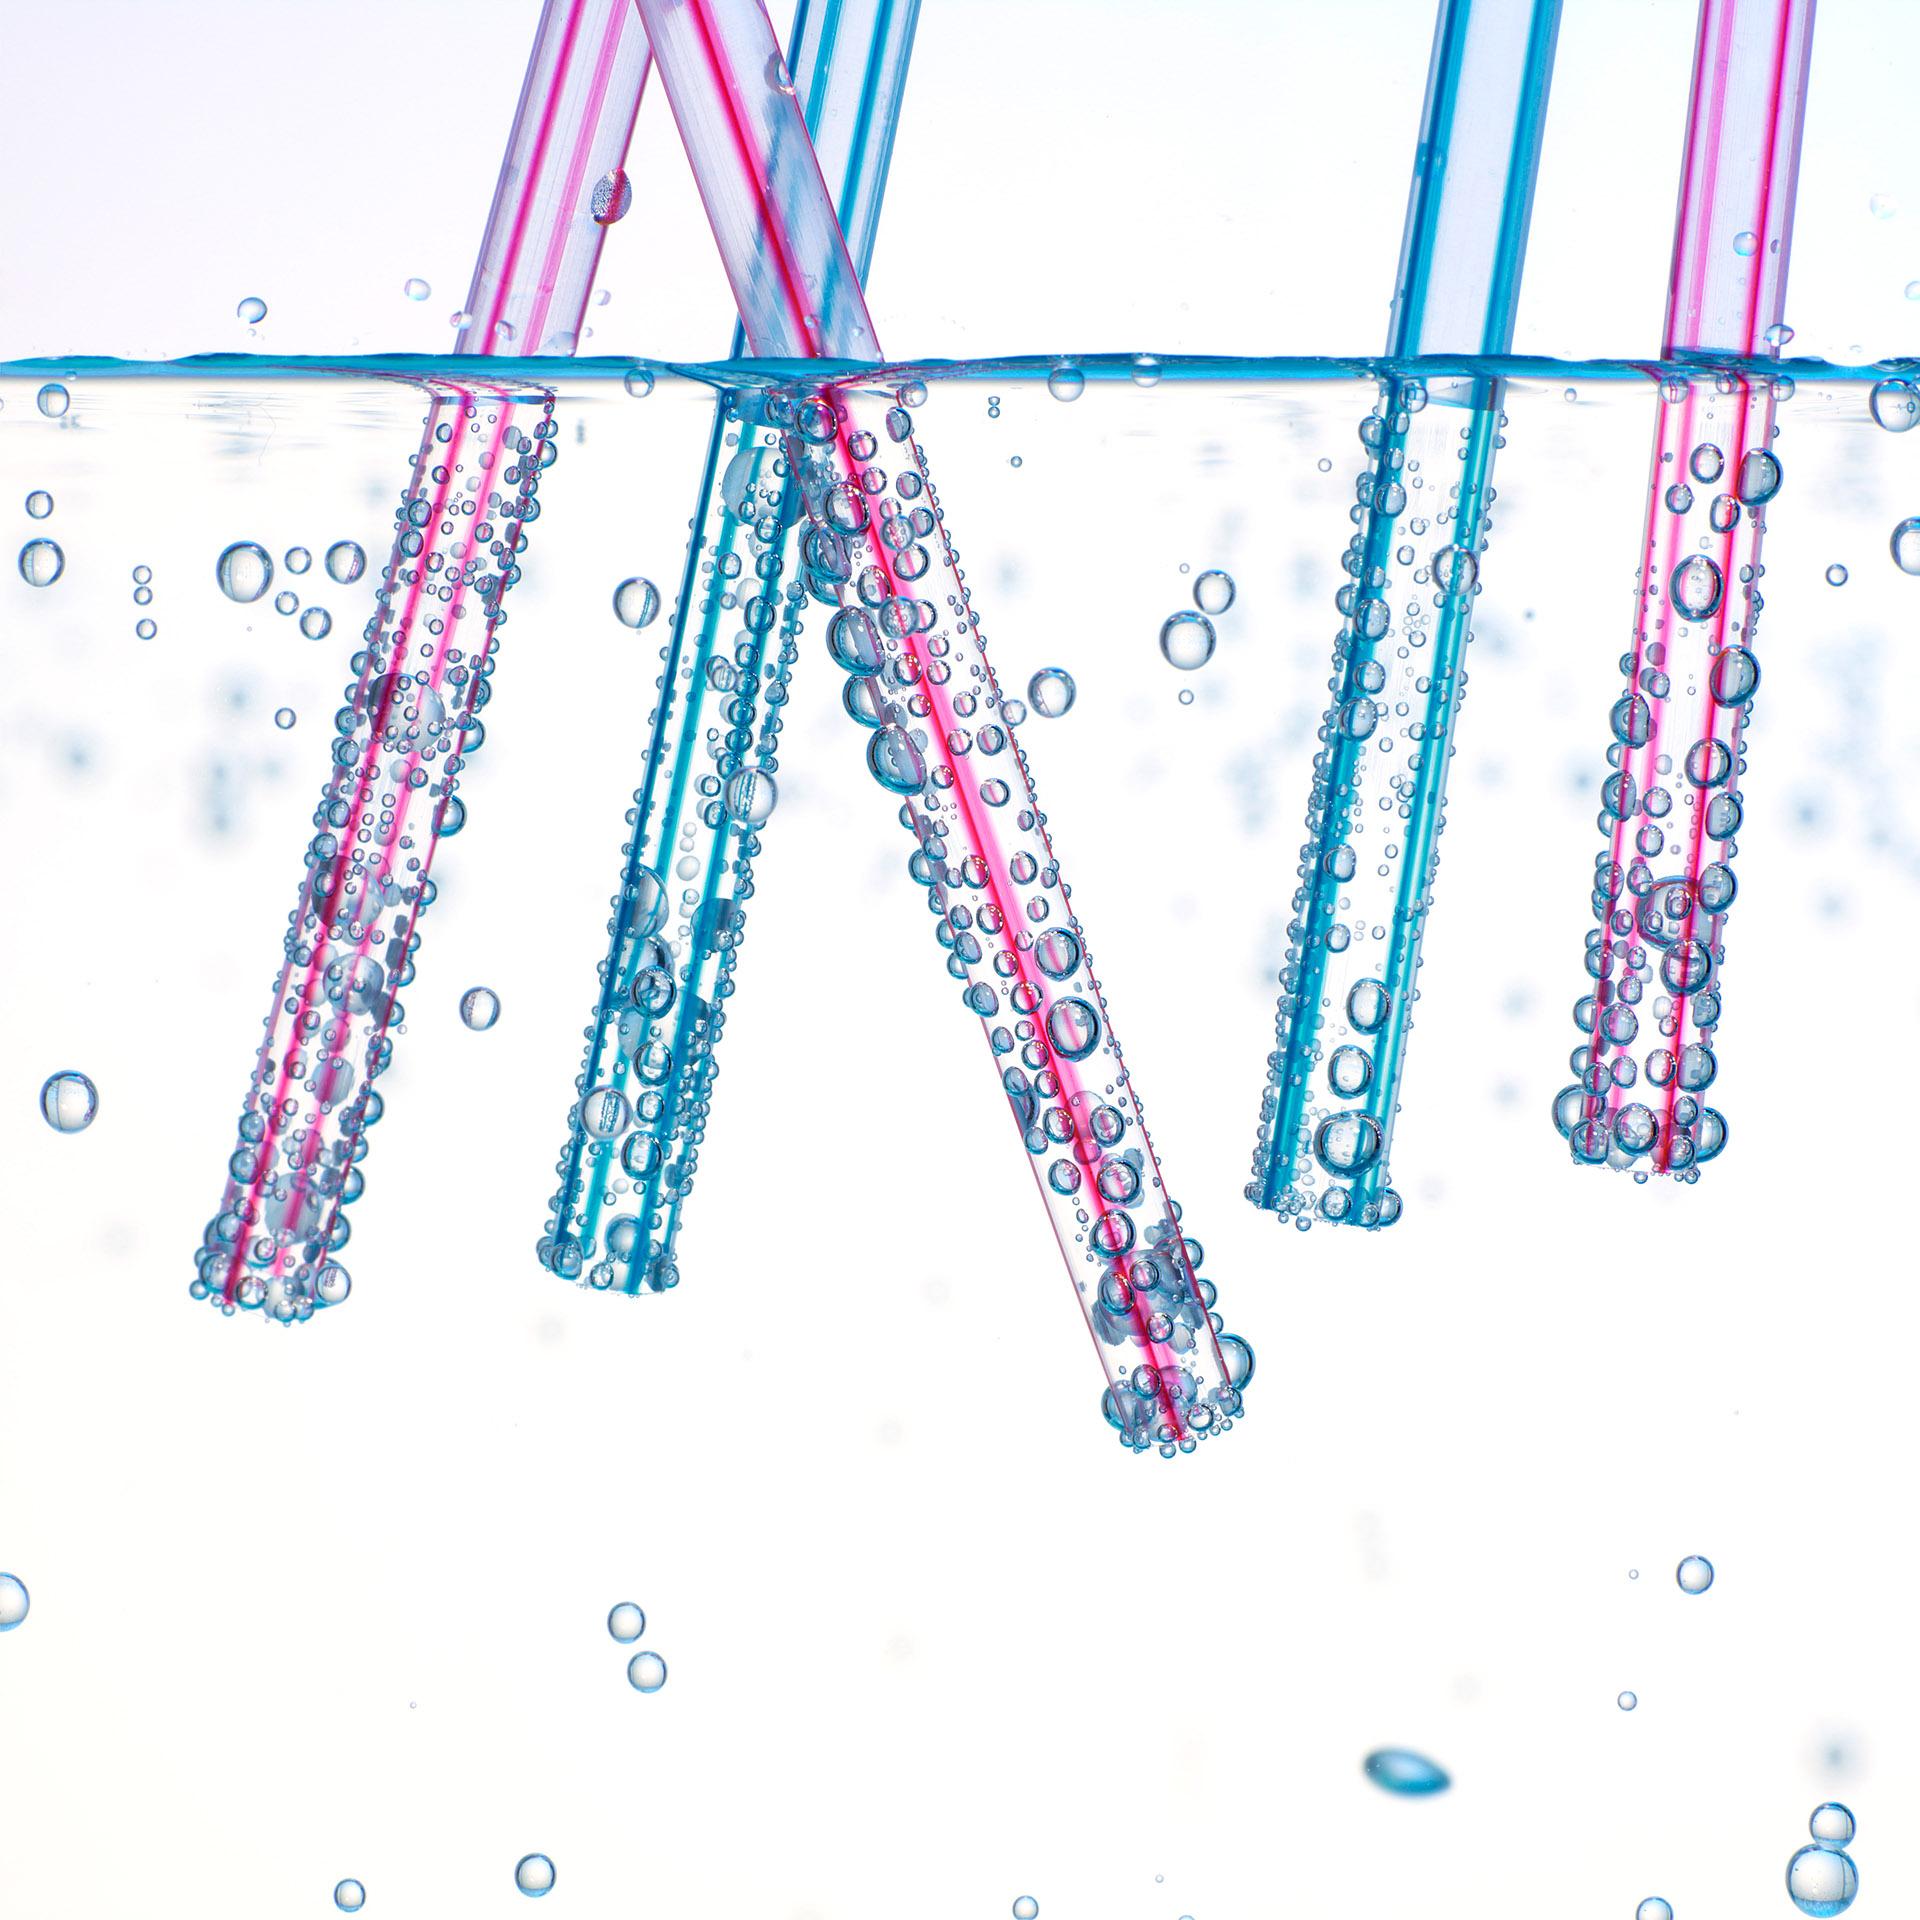 Werbefotografie Super Close-Up Strohhalme in Wasser mit Luftbläschen. Feigfotodesign